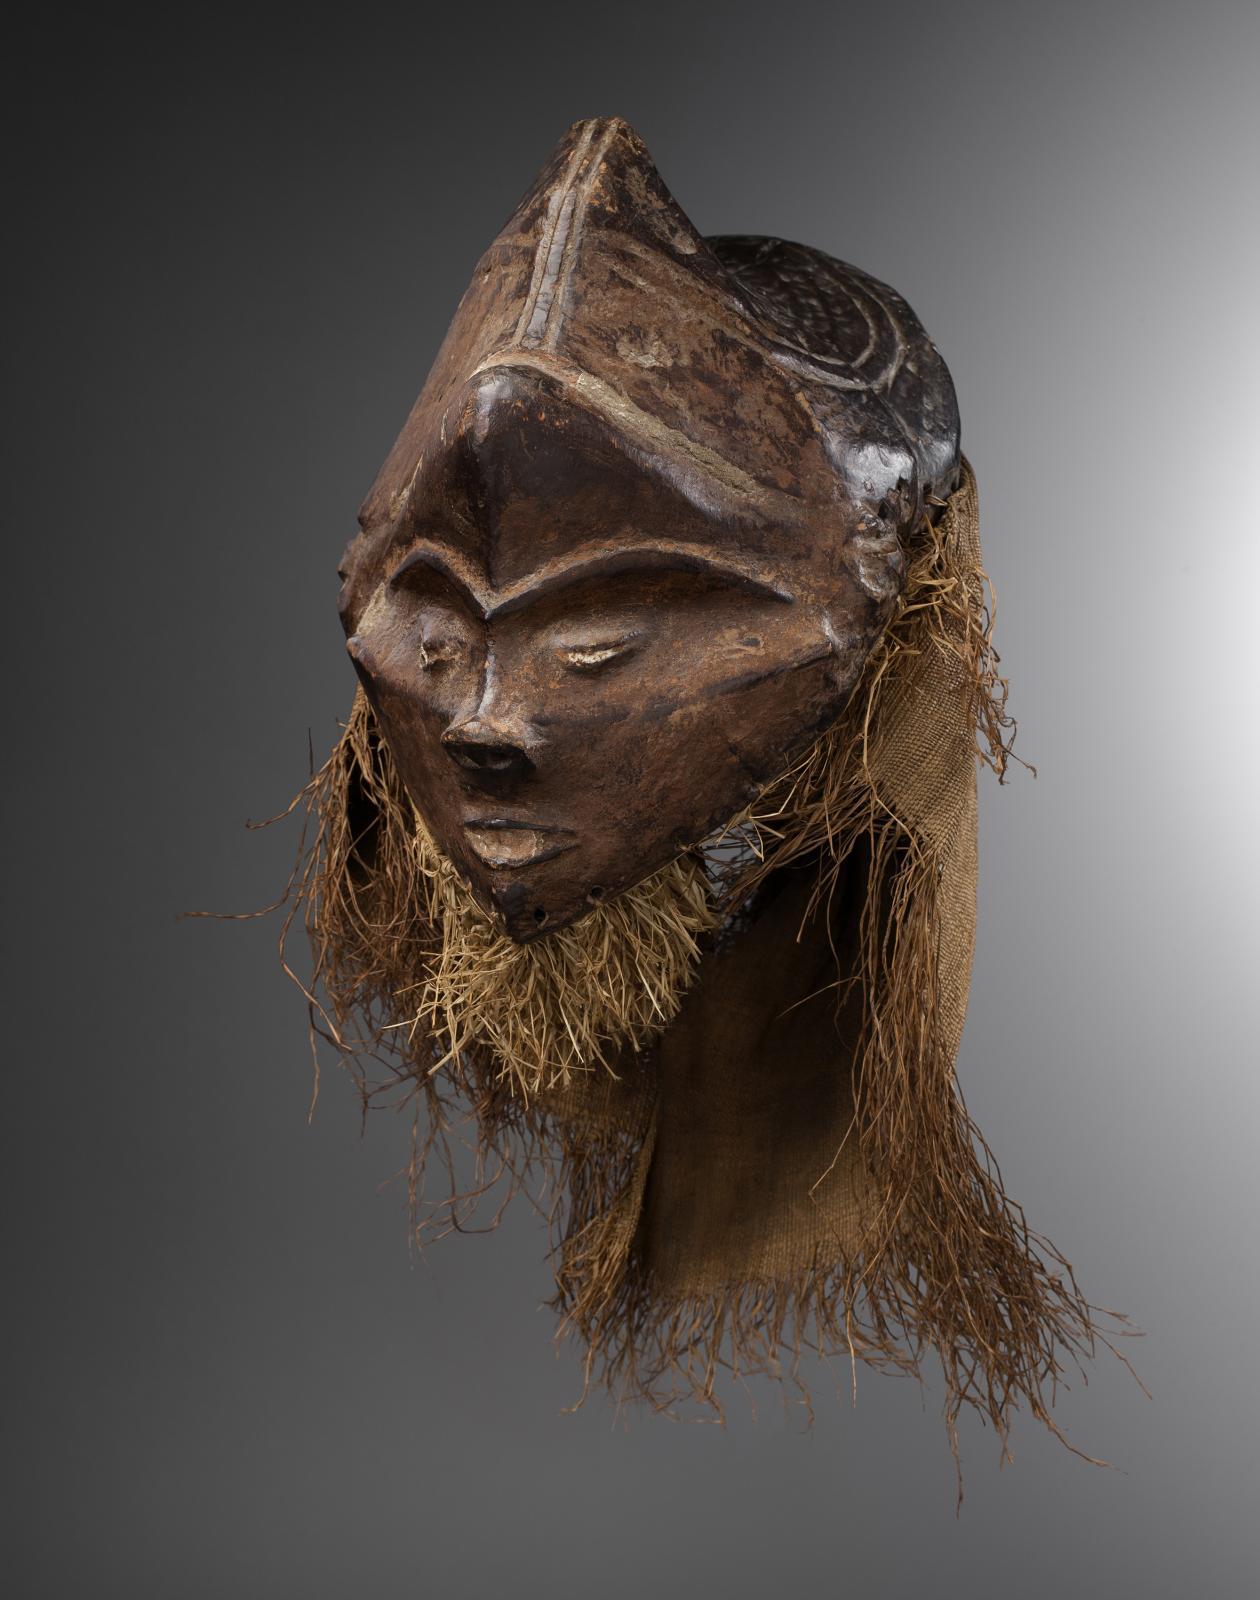 République démocratique du Congo. Masque, culture pende, bois, h. 28.5 cm. Présenté par Bernard de Grunne.